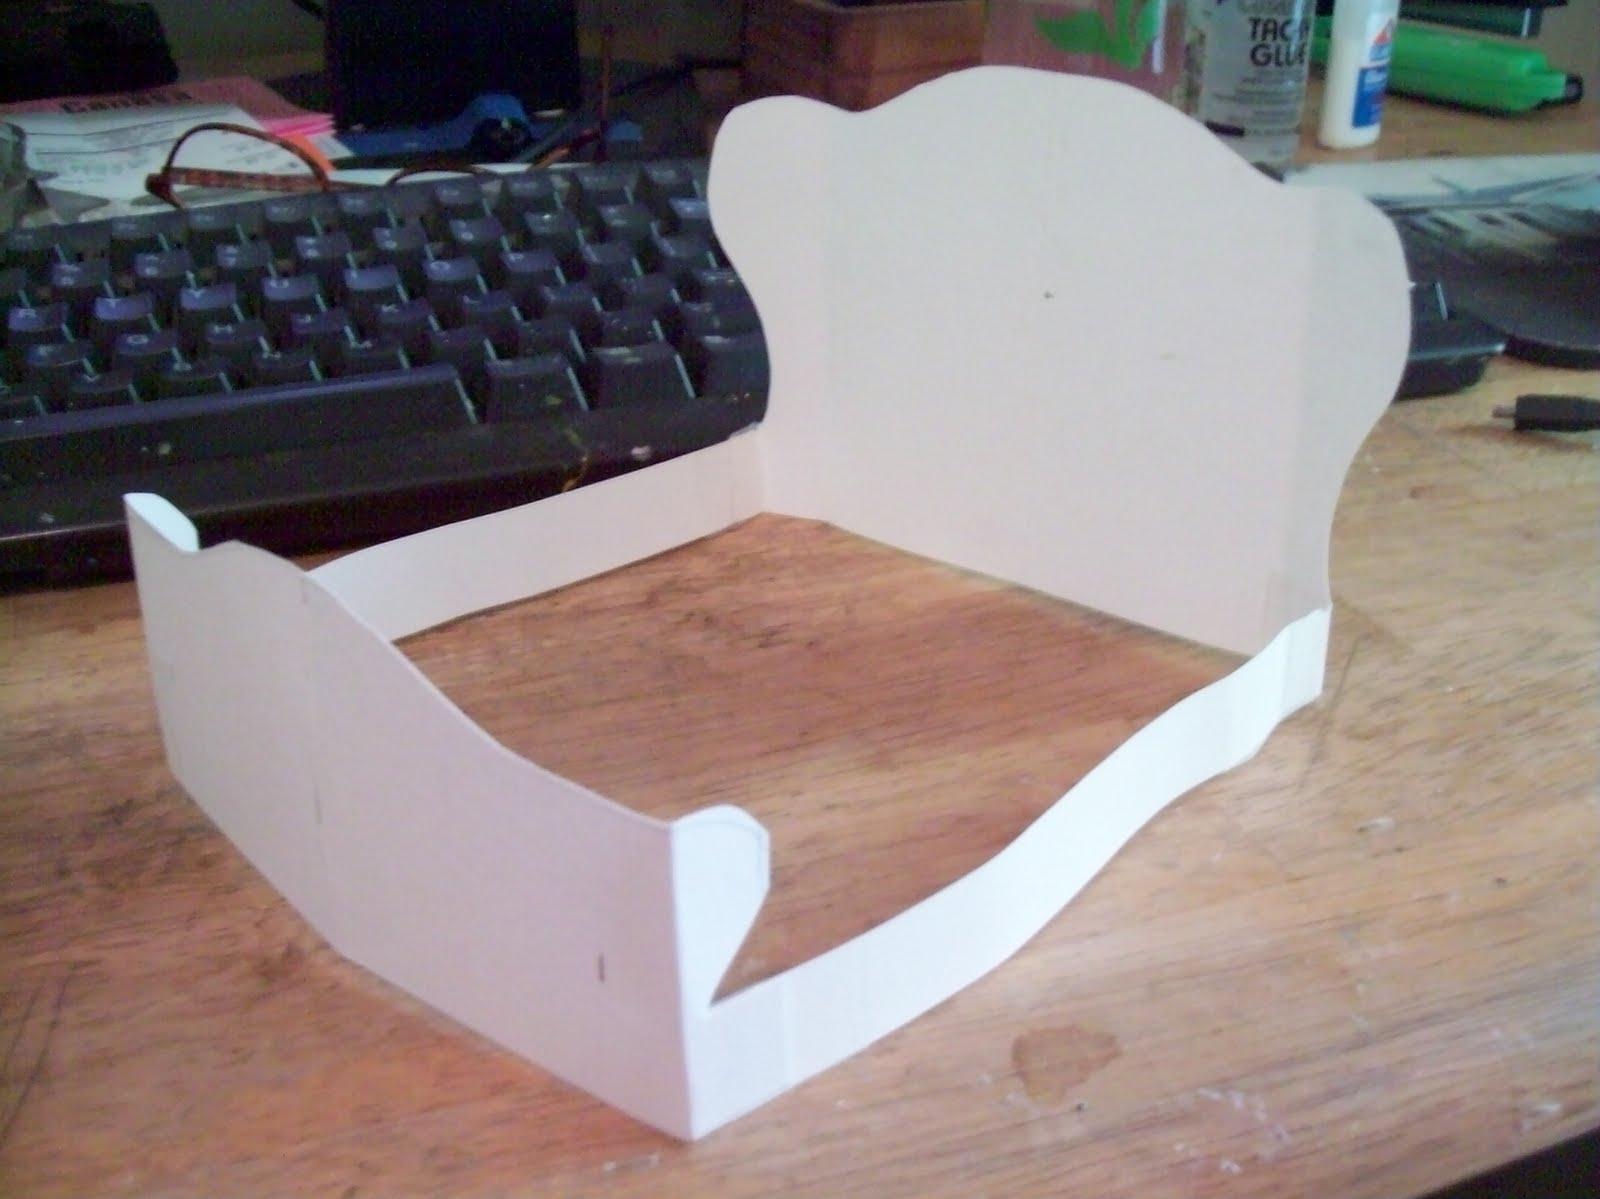 http://2.bp.blogspot.com/_MxifV0TXGqc/THExX8a7xTI/AAAAAAAAEXM/1_PoCBhYxL0/s1600/paper+bed+003.jpg